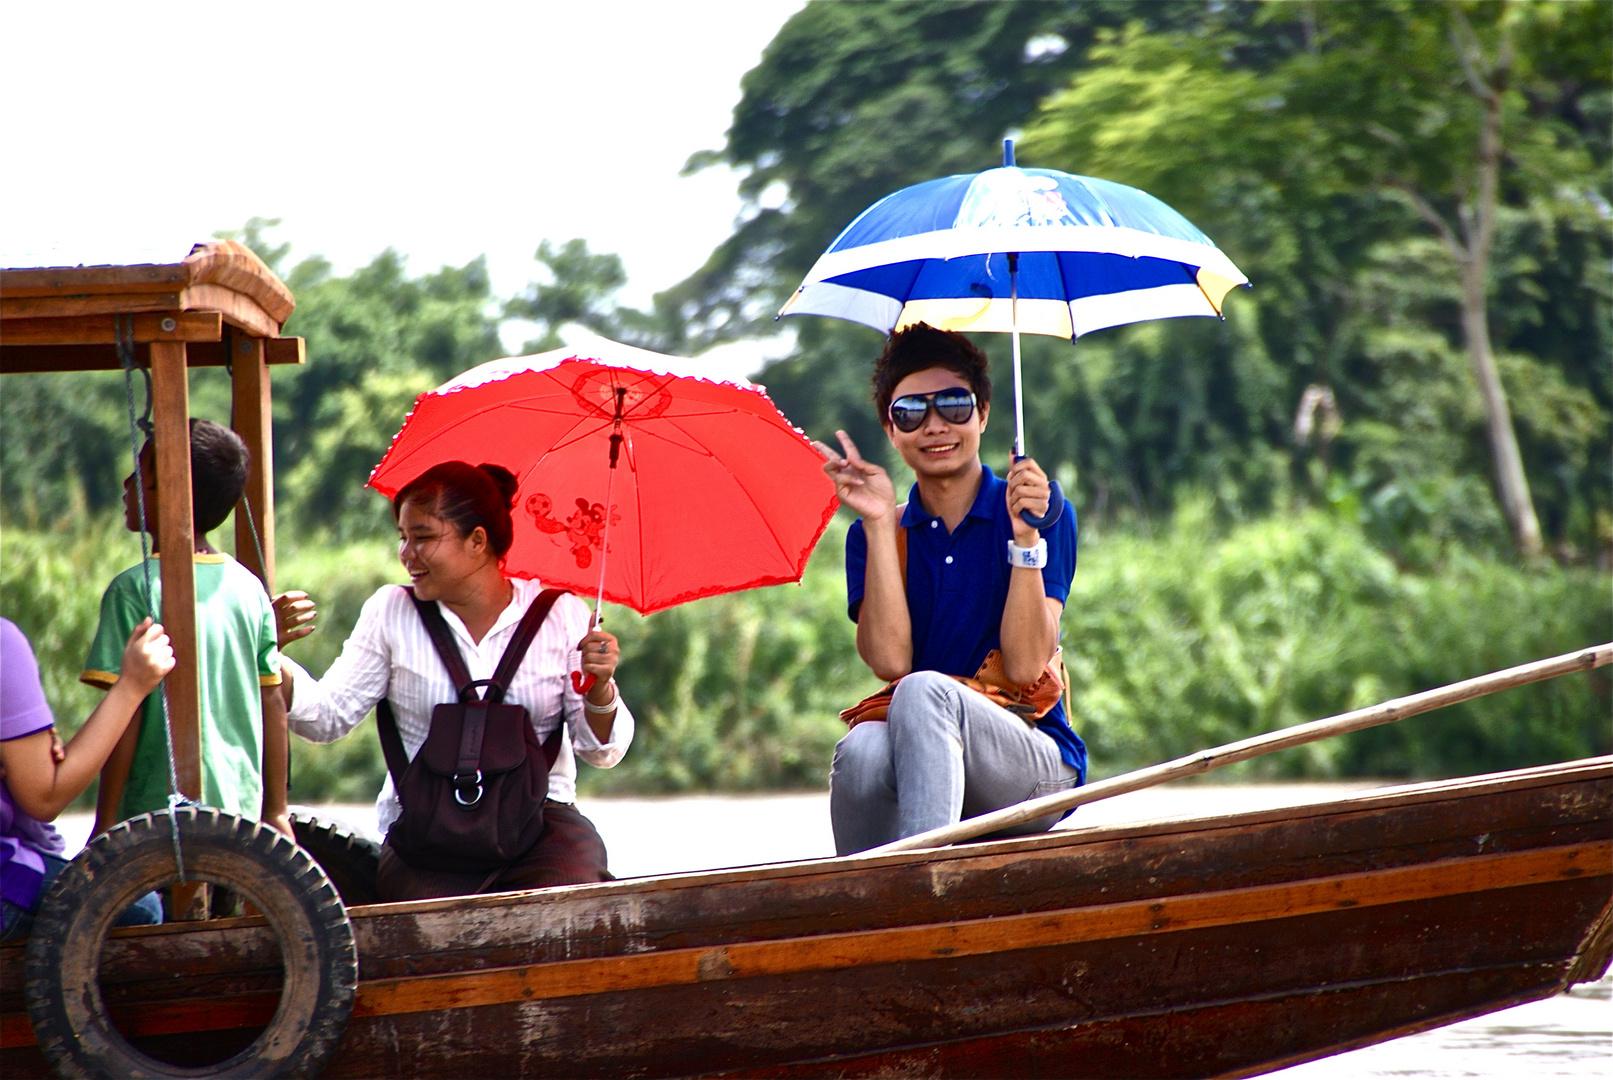 thailändische wochenendtouristen II, südlaos 2010